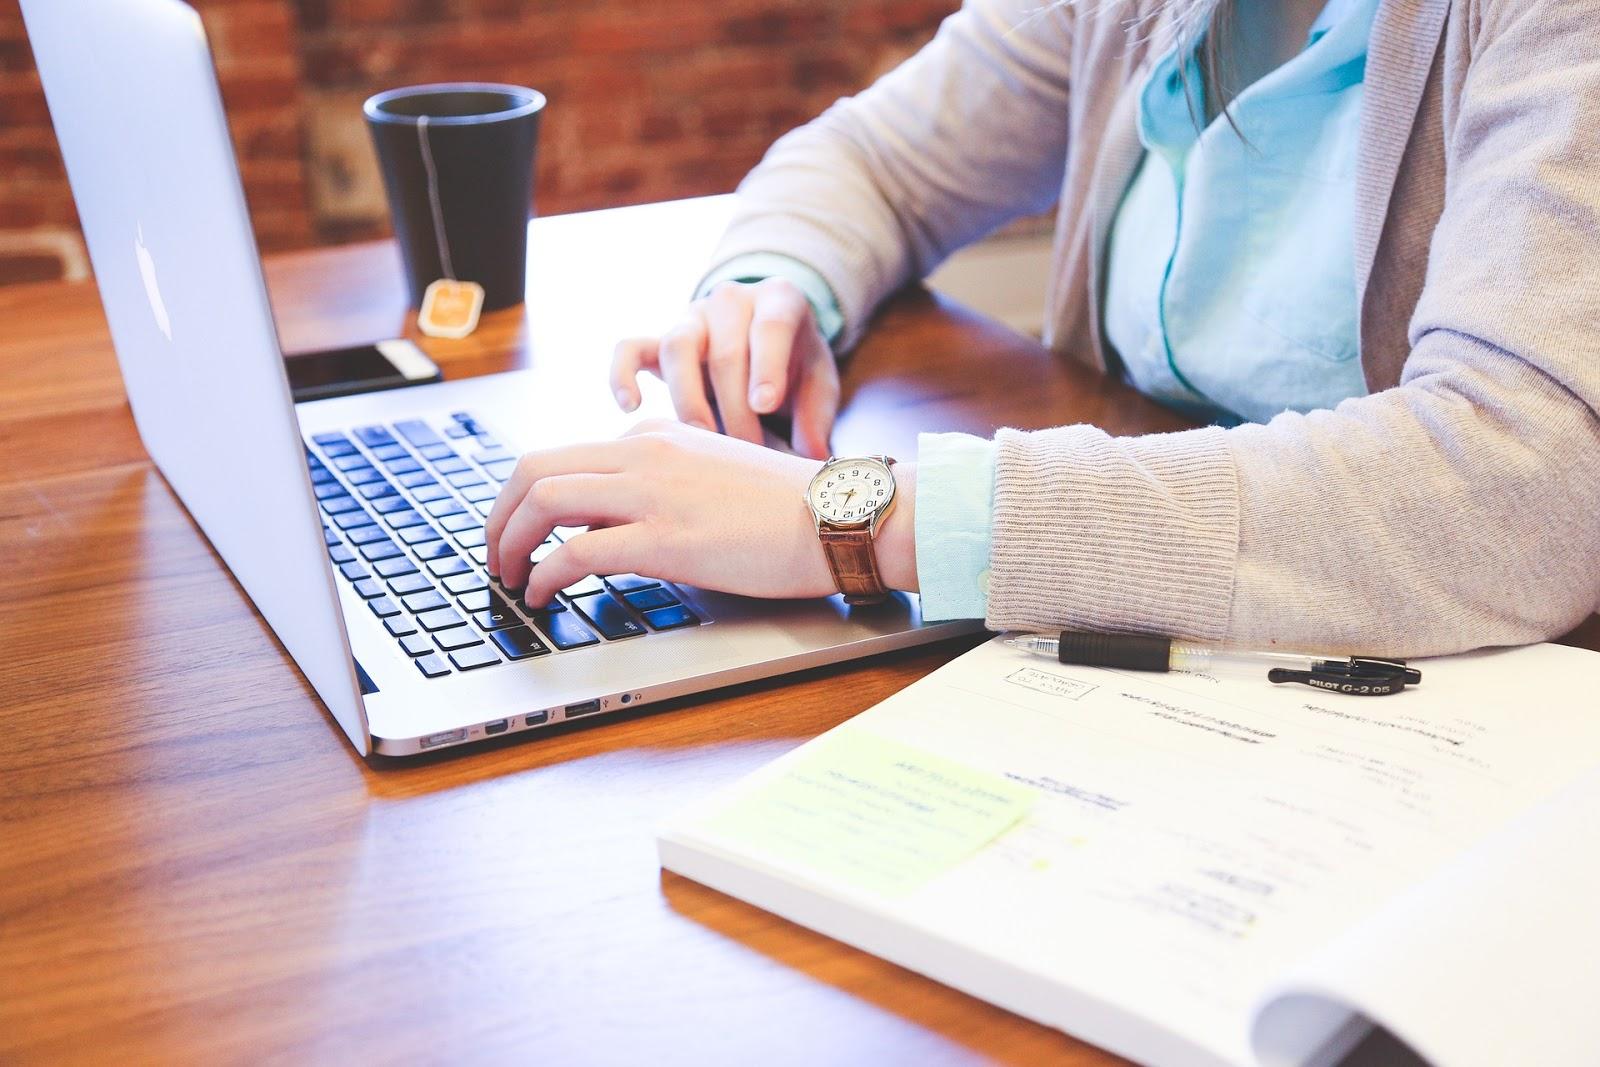 cum poți folosi un laptop pentru a câștiga bani afaceri cu tranzacționare